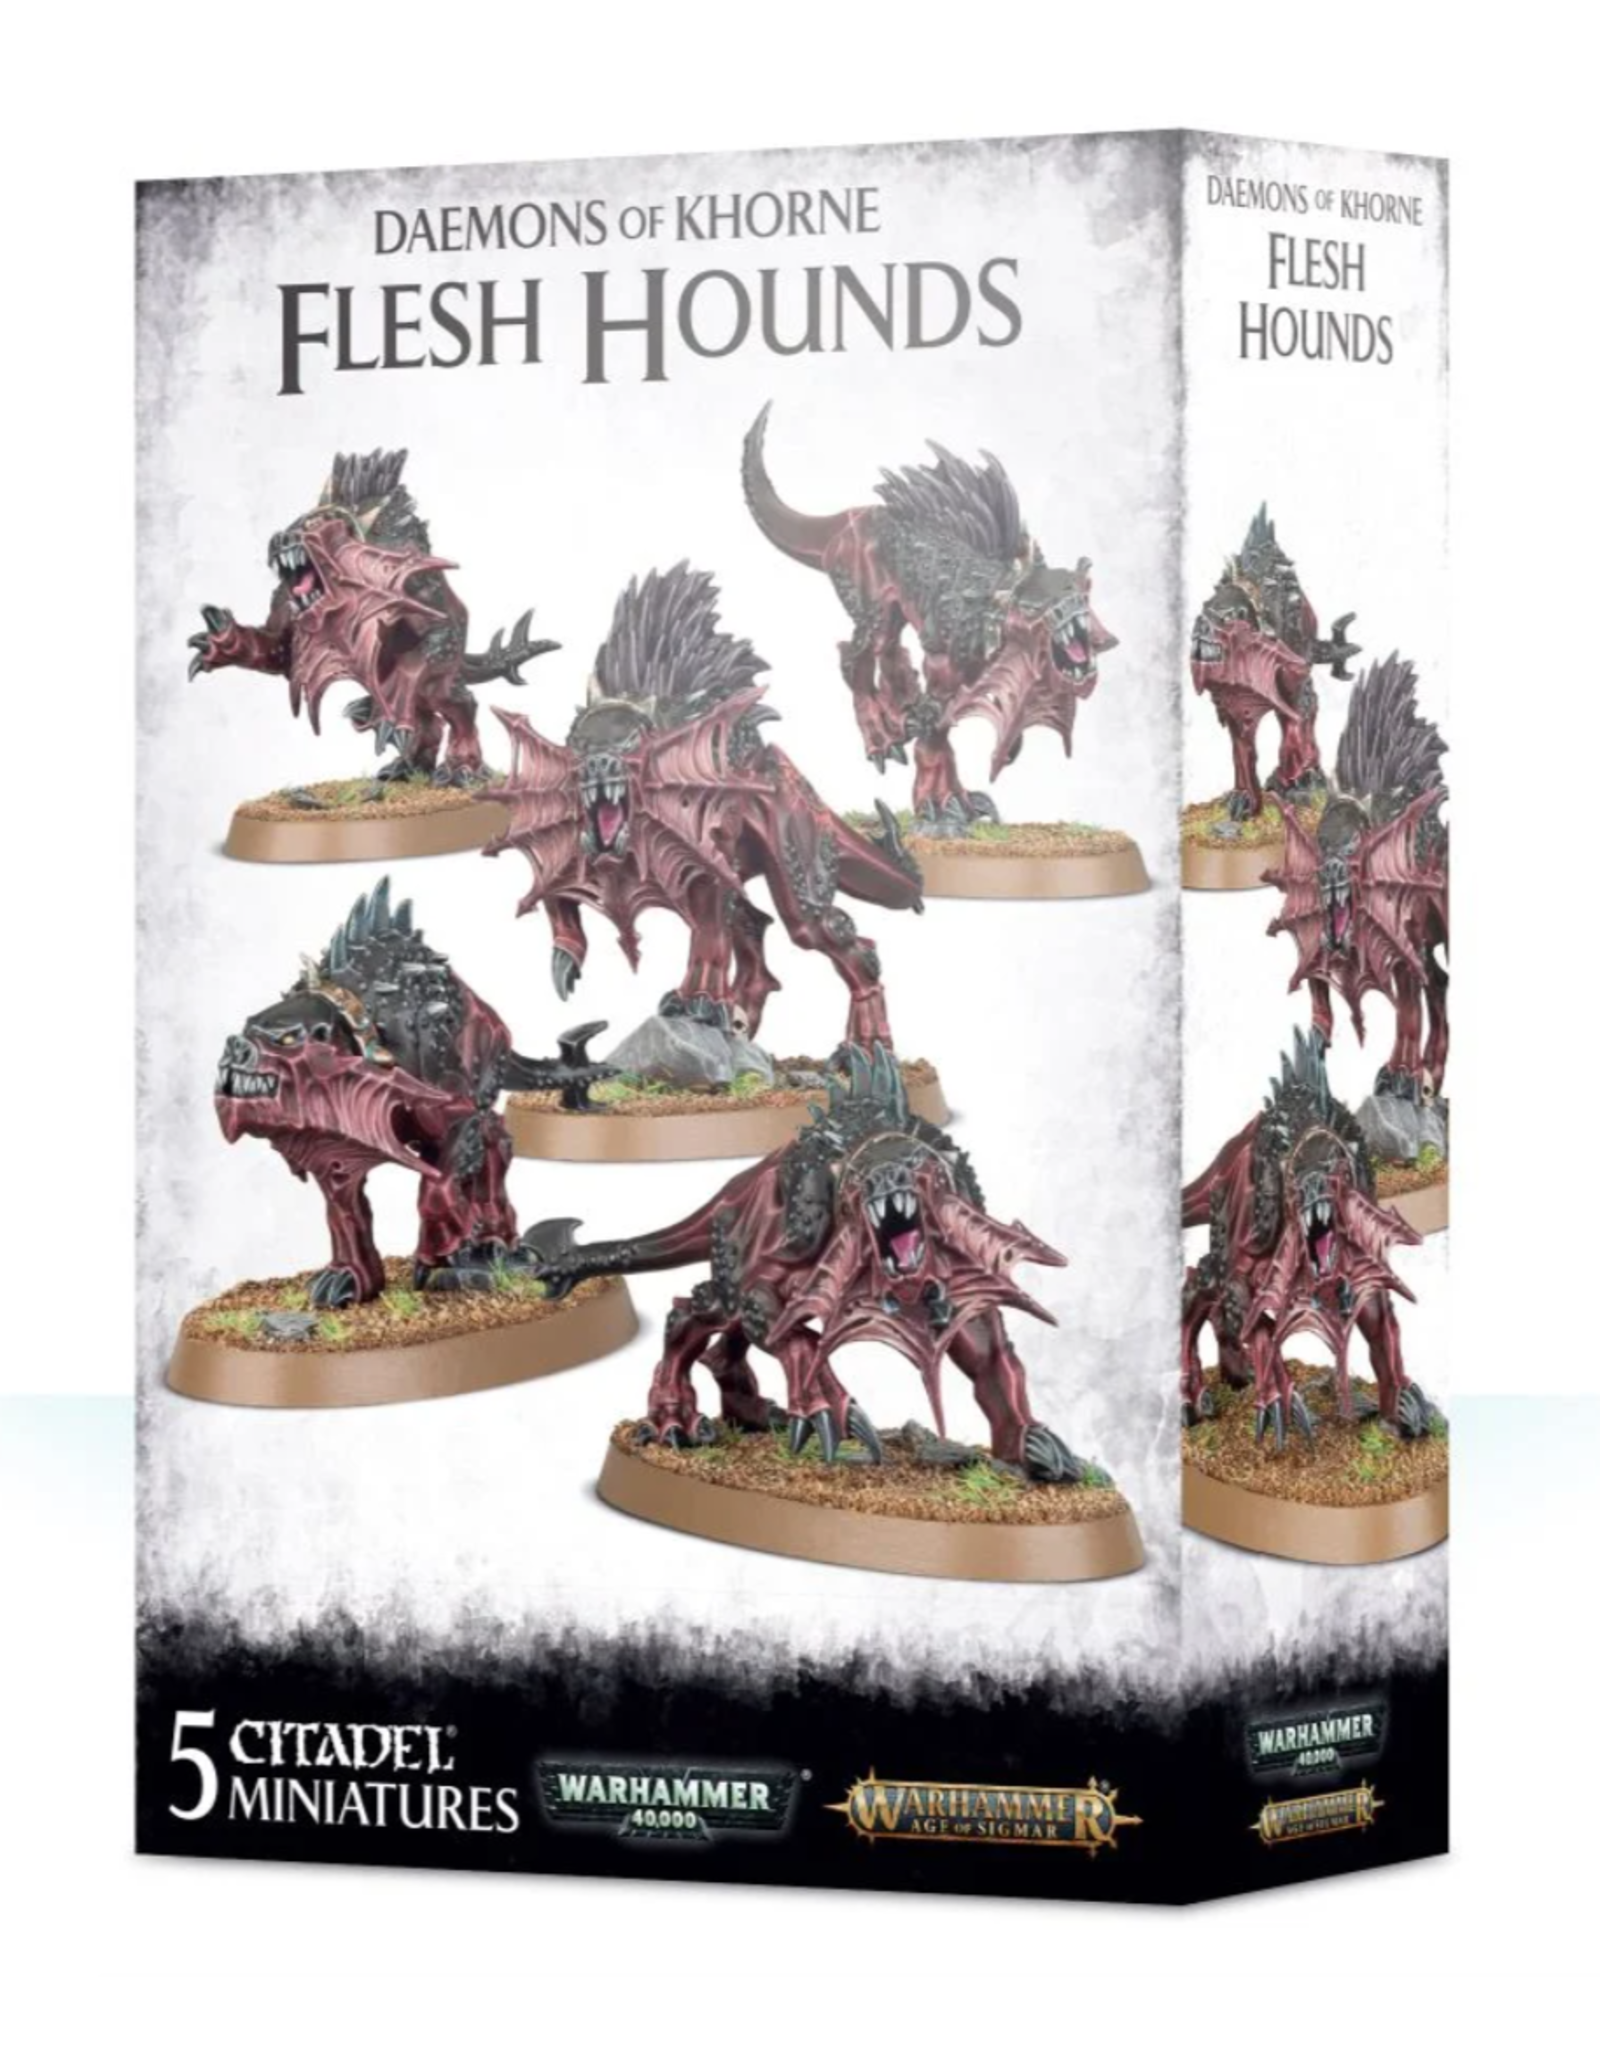 Warhammer 40K Chaos: Daemons of Khorne Flesh Hounds